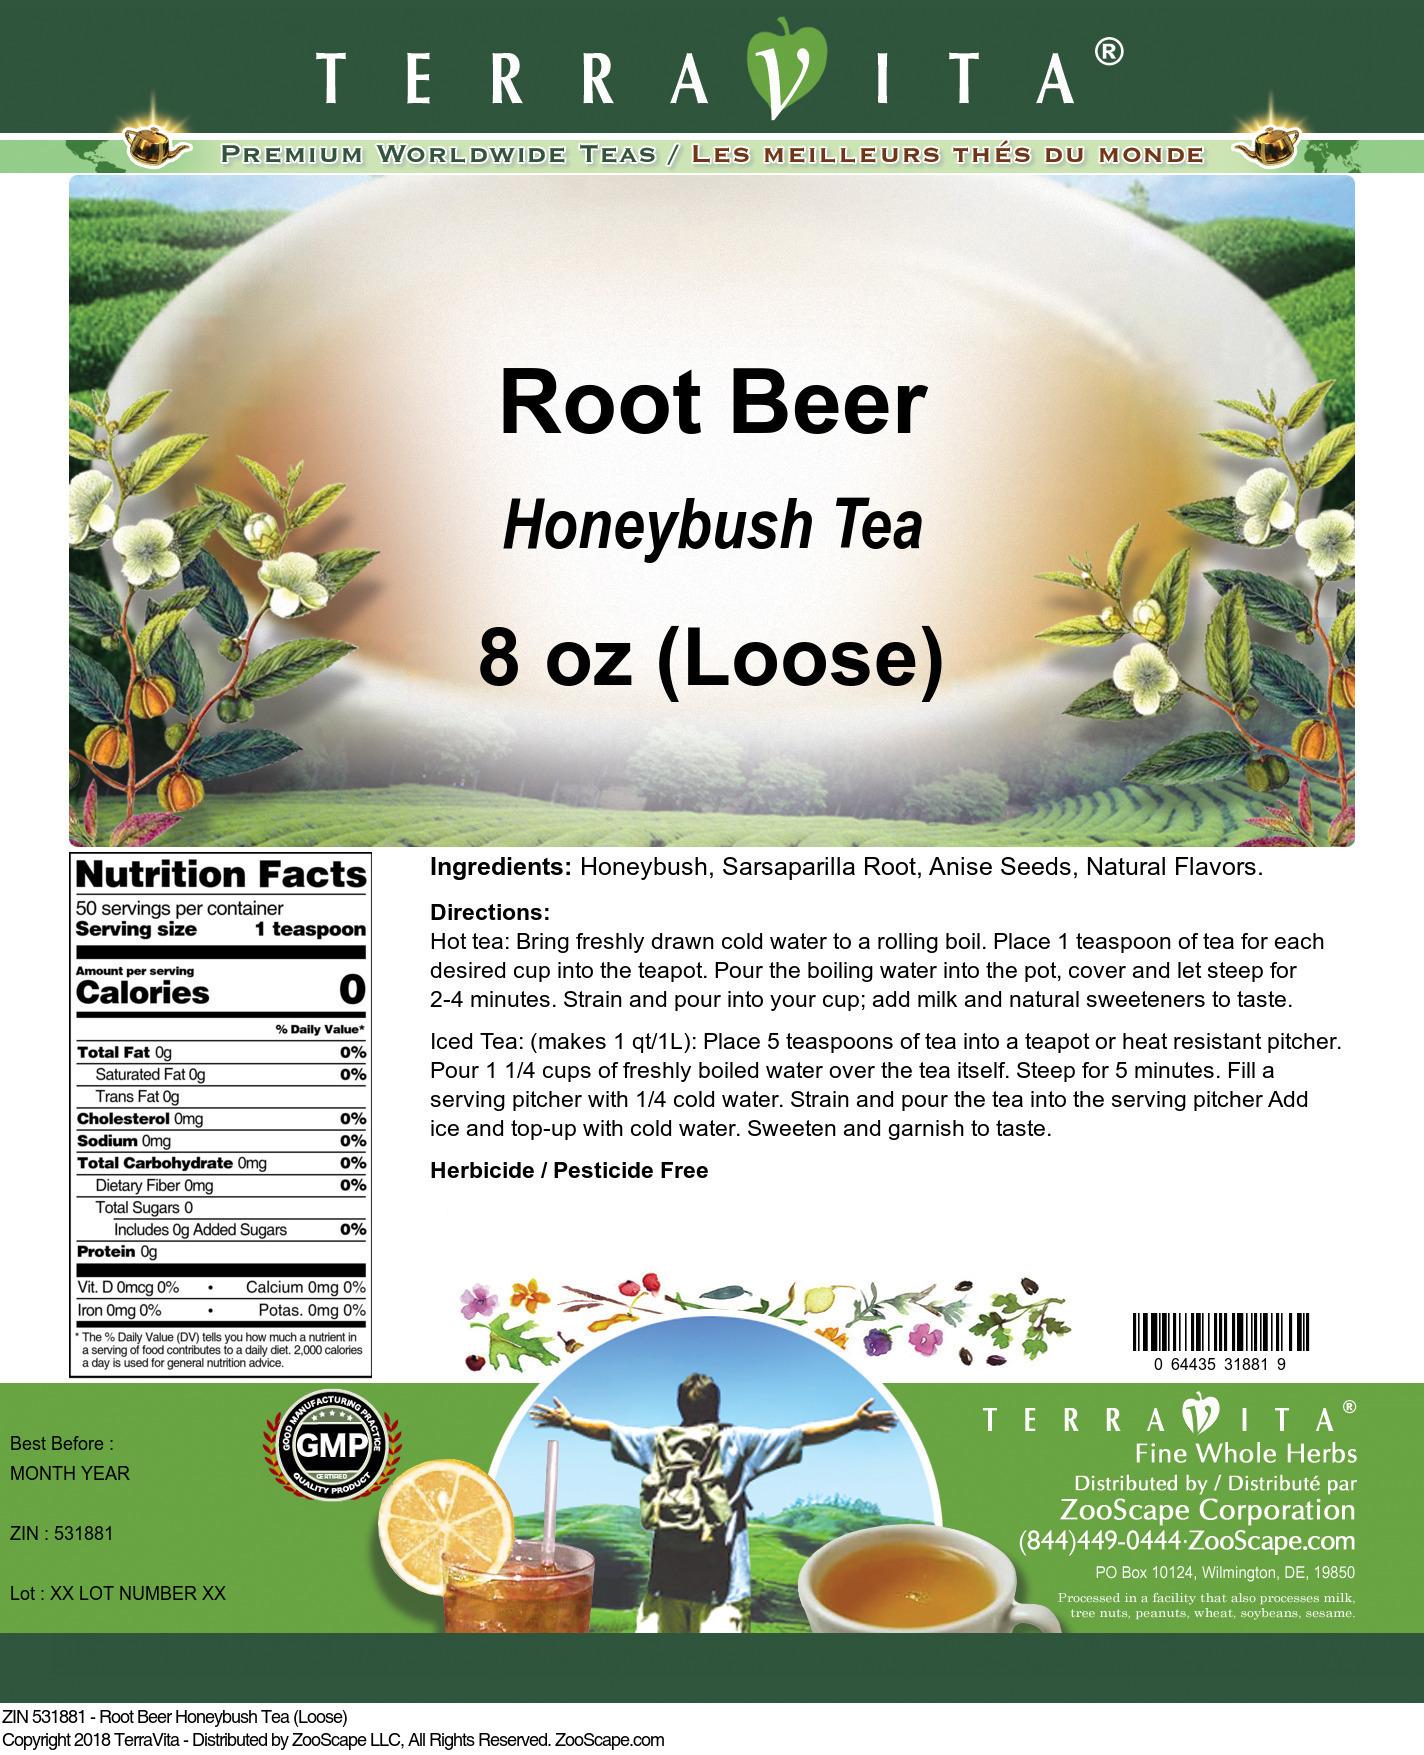 Root Beer Honeybush Tea (Loose)